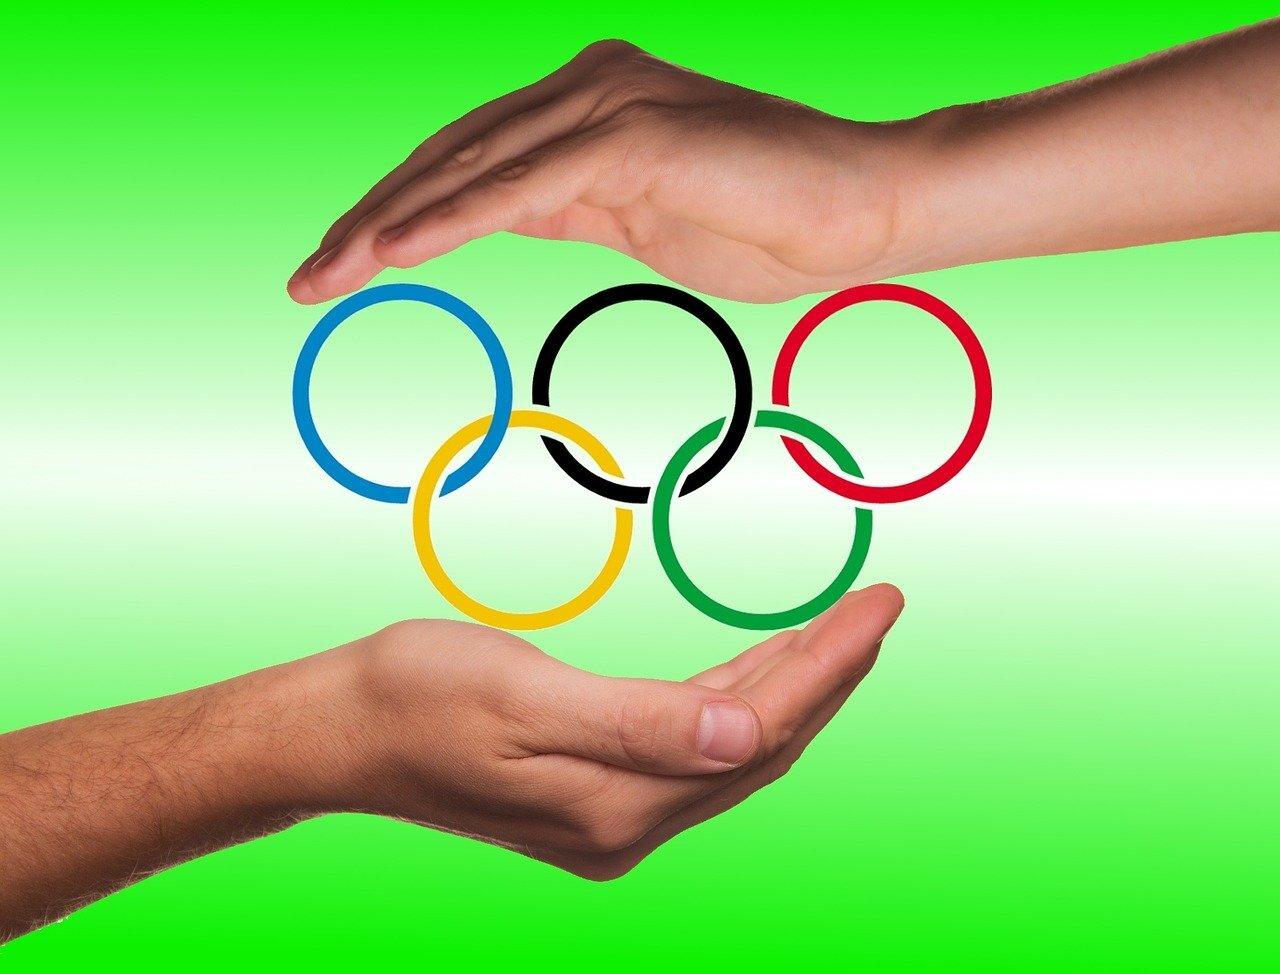 [도쿄 올림픽] 야구 대표팀 메달 색깔을 결정할 변수 타선의 힘